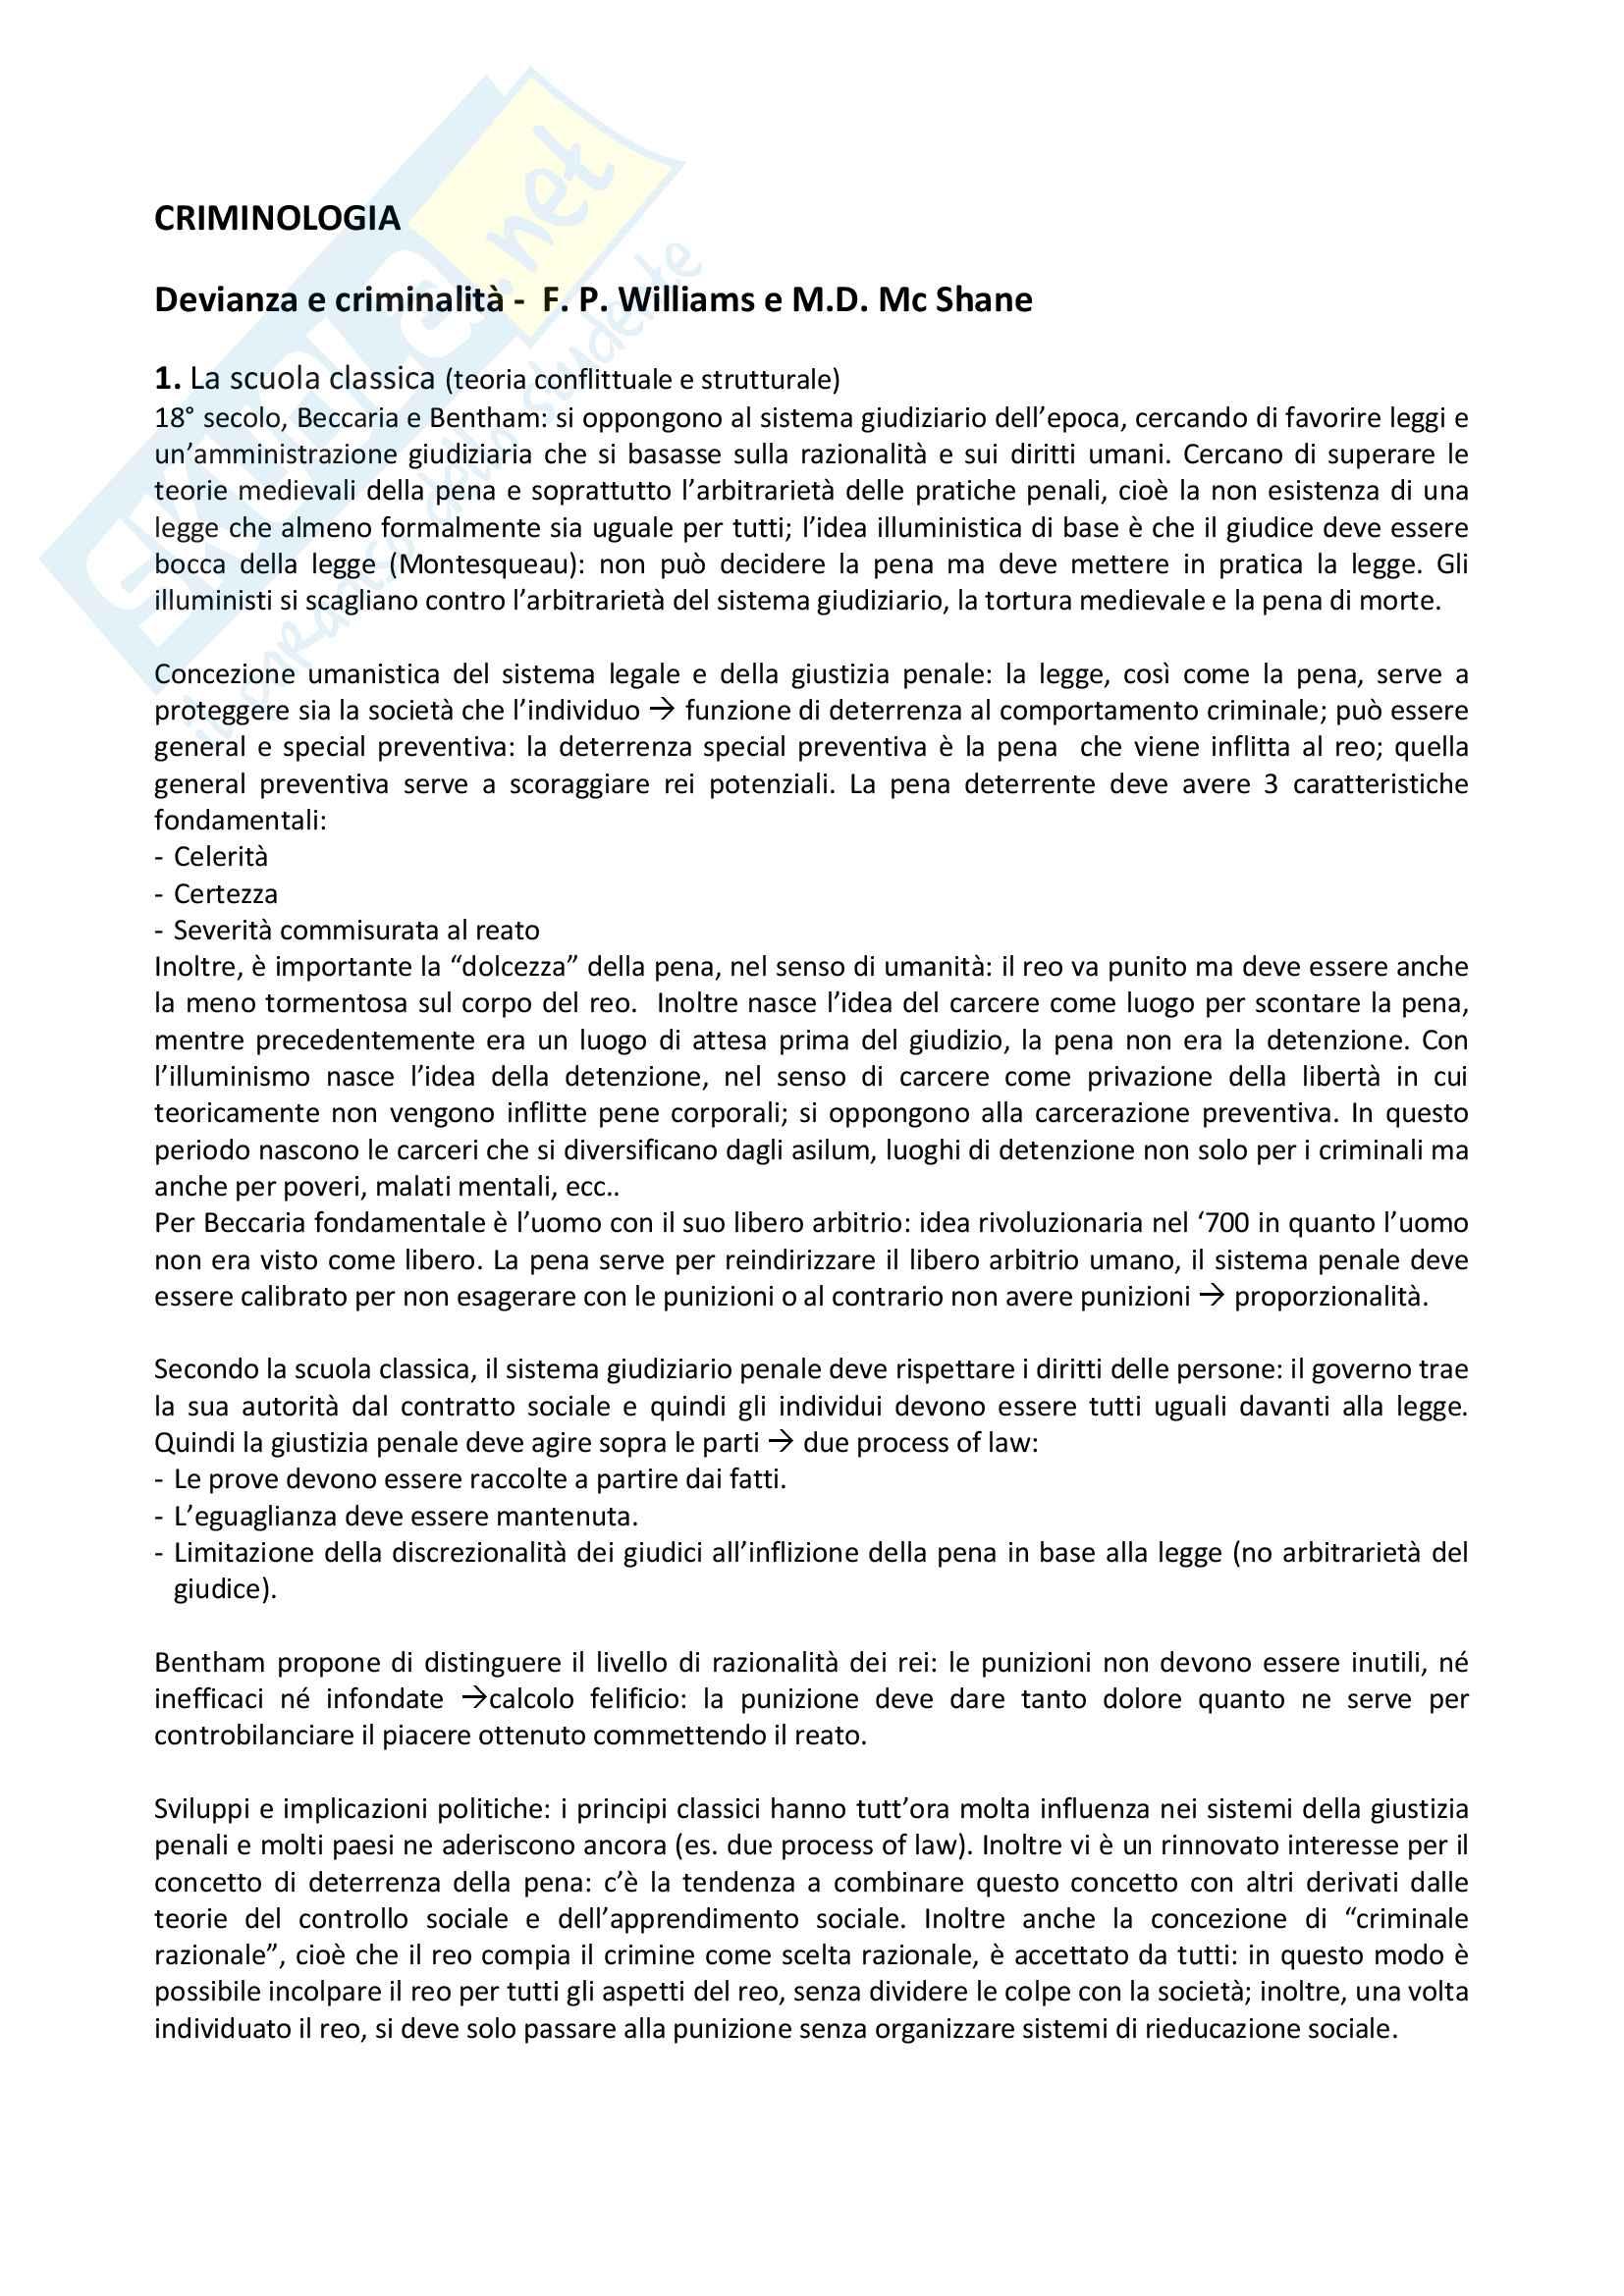 Riassunto esame di Criminologia, docente Ceretti, libro consigliato Devianza e criminalità